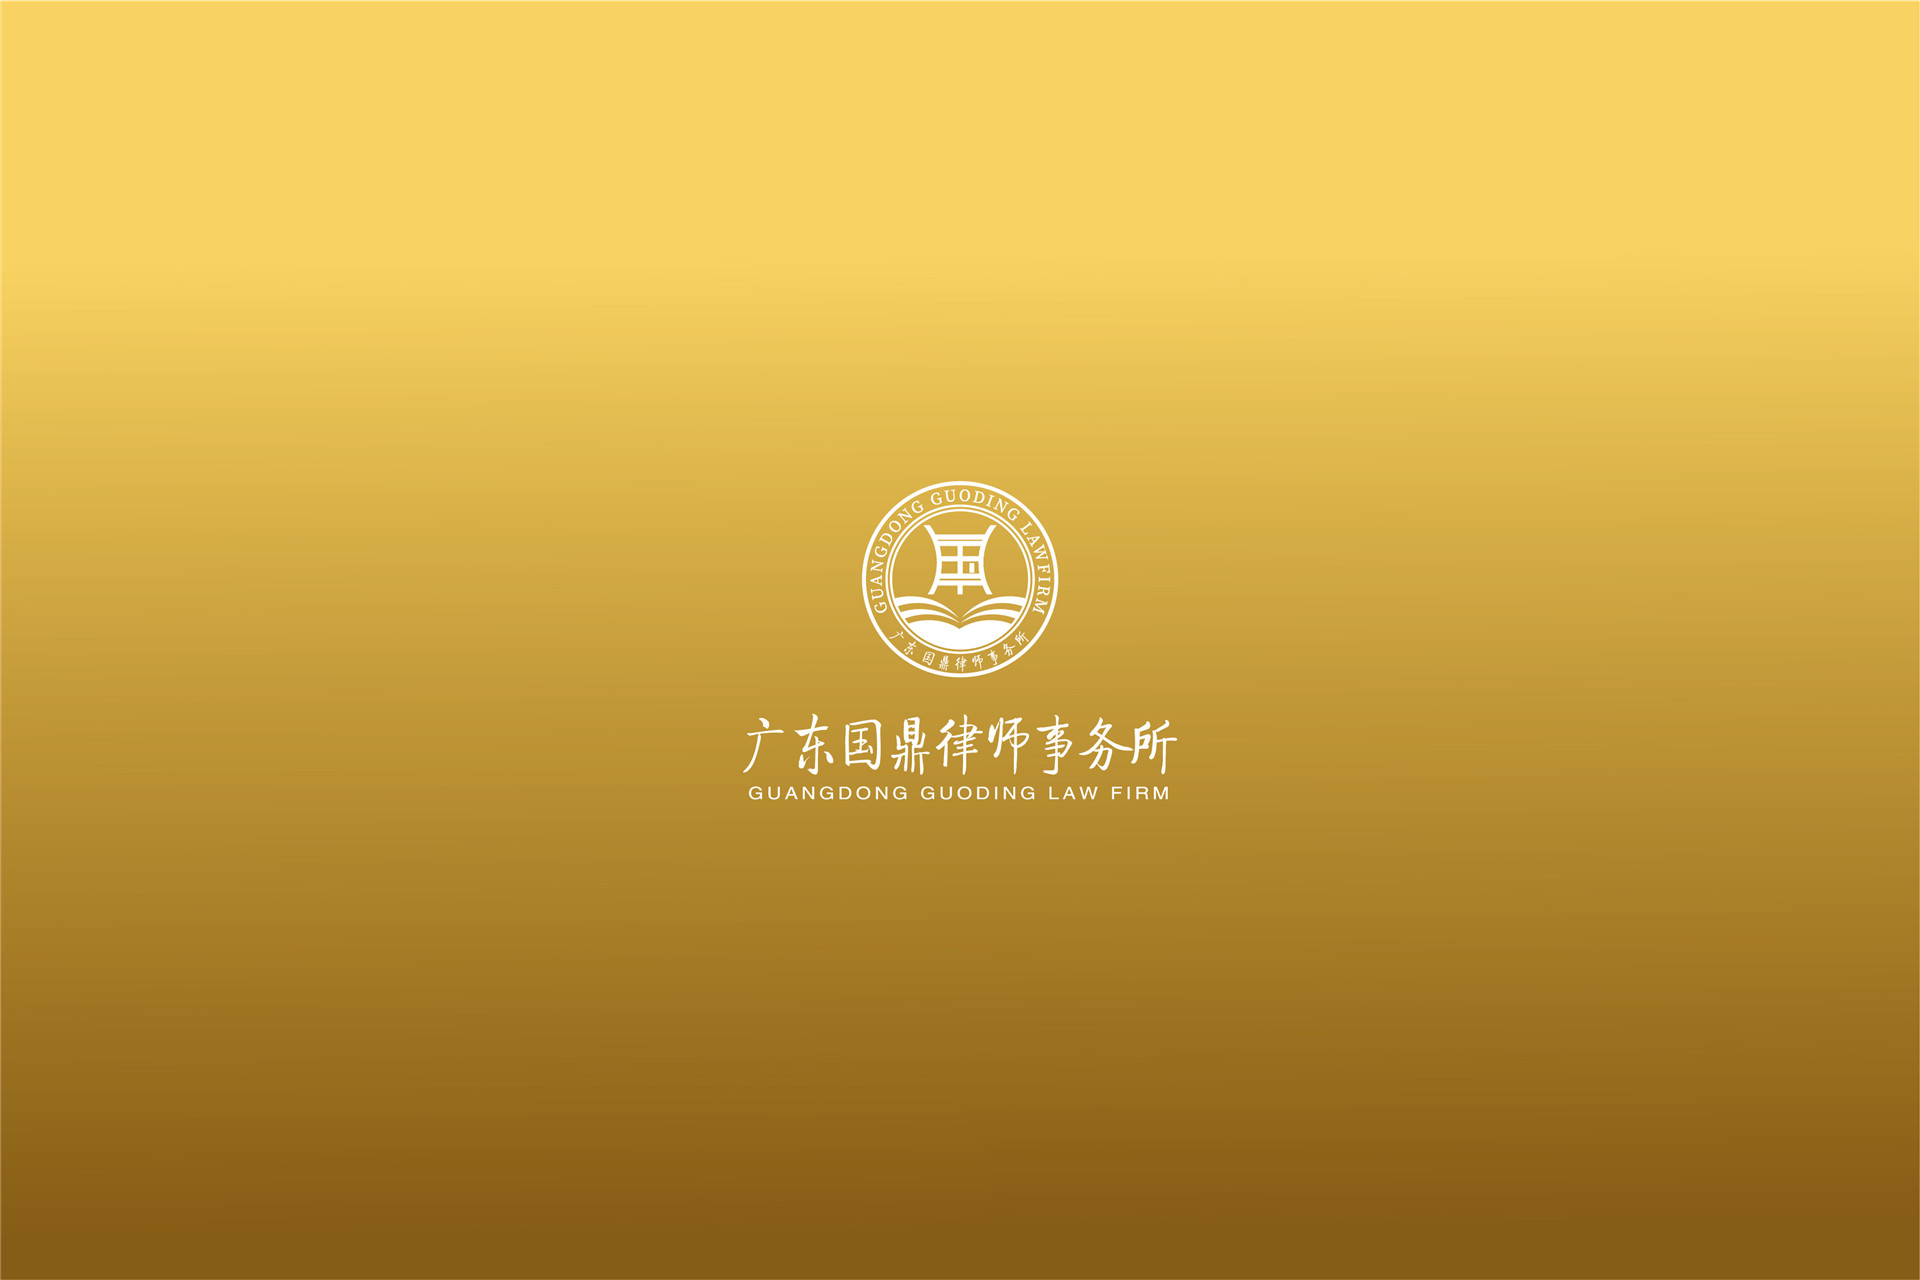 广东国鼎律师事务所2